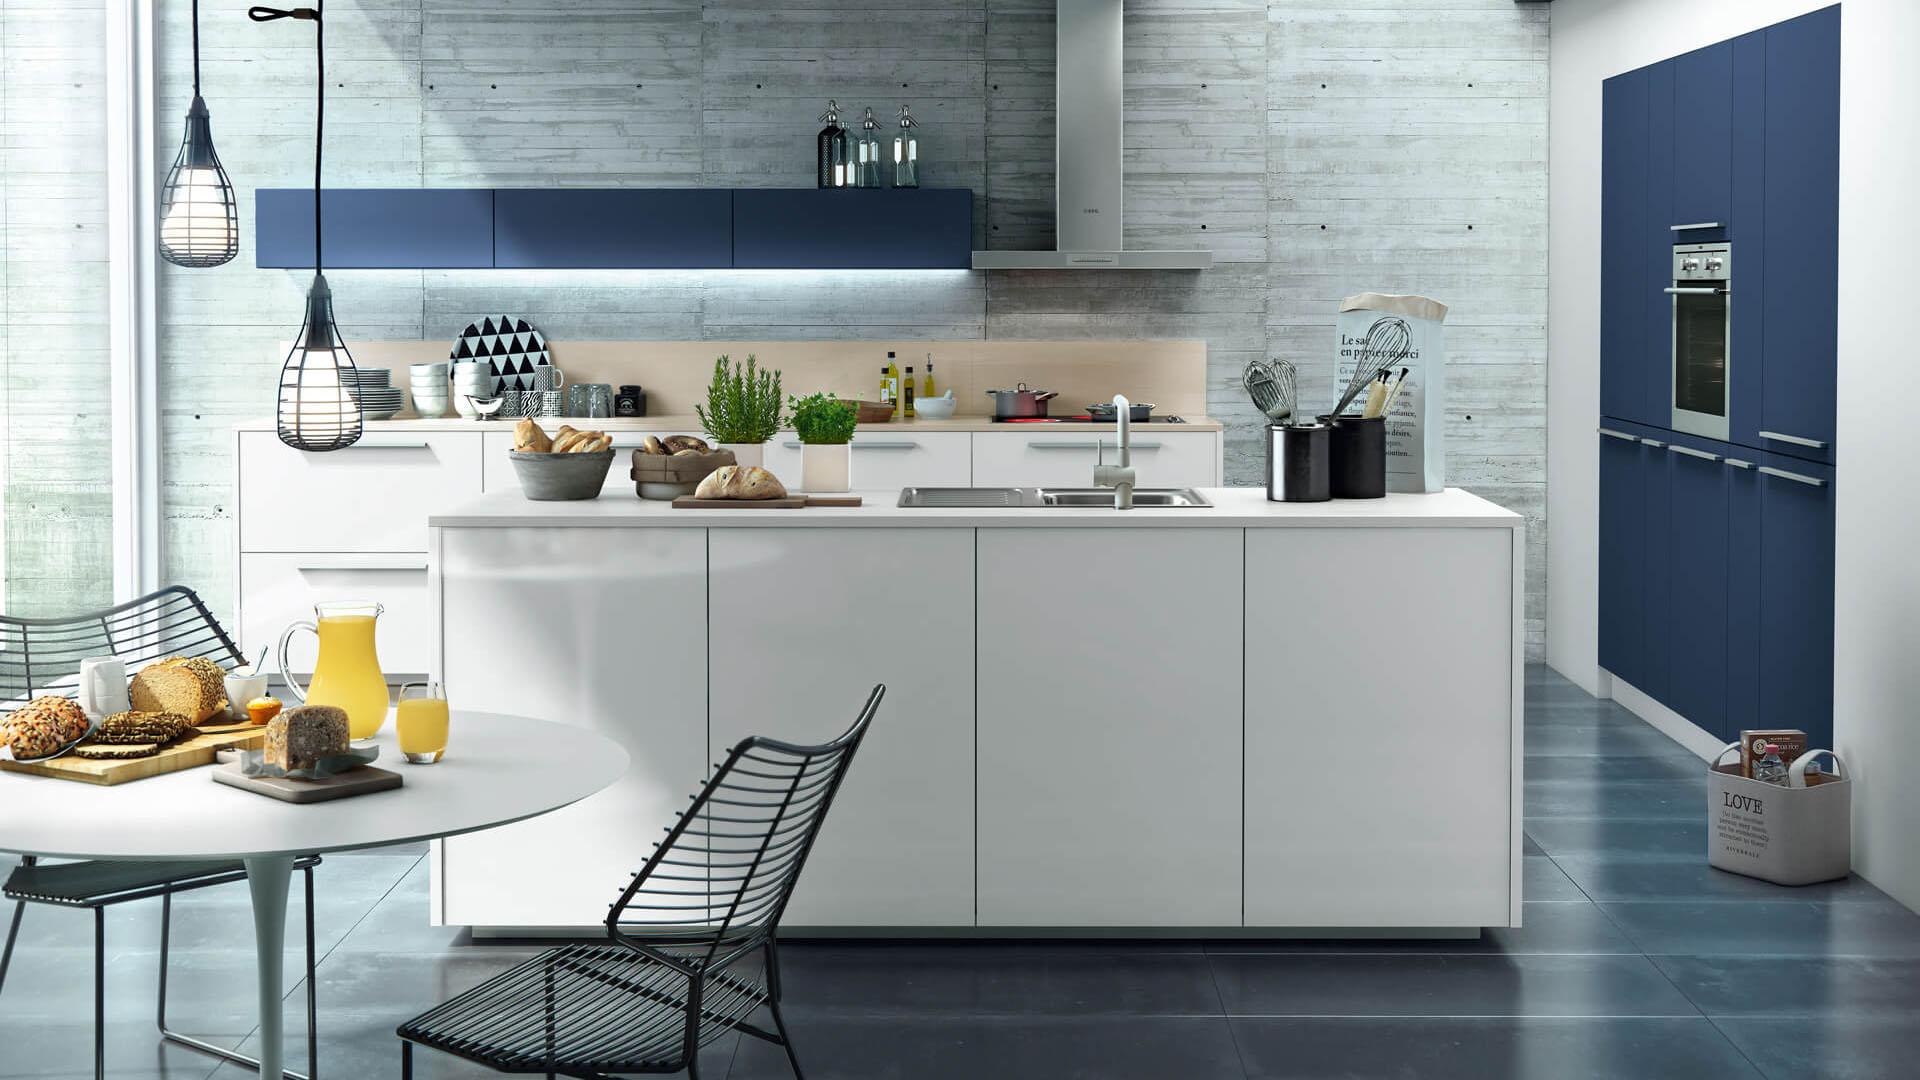 Berühmt Küchenschranktüren Nur Fotos - Küchen Design Ideen ...